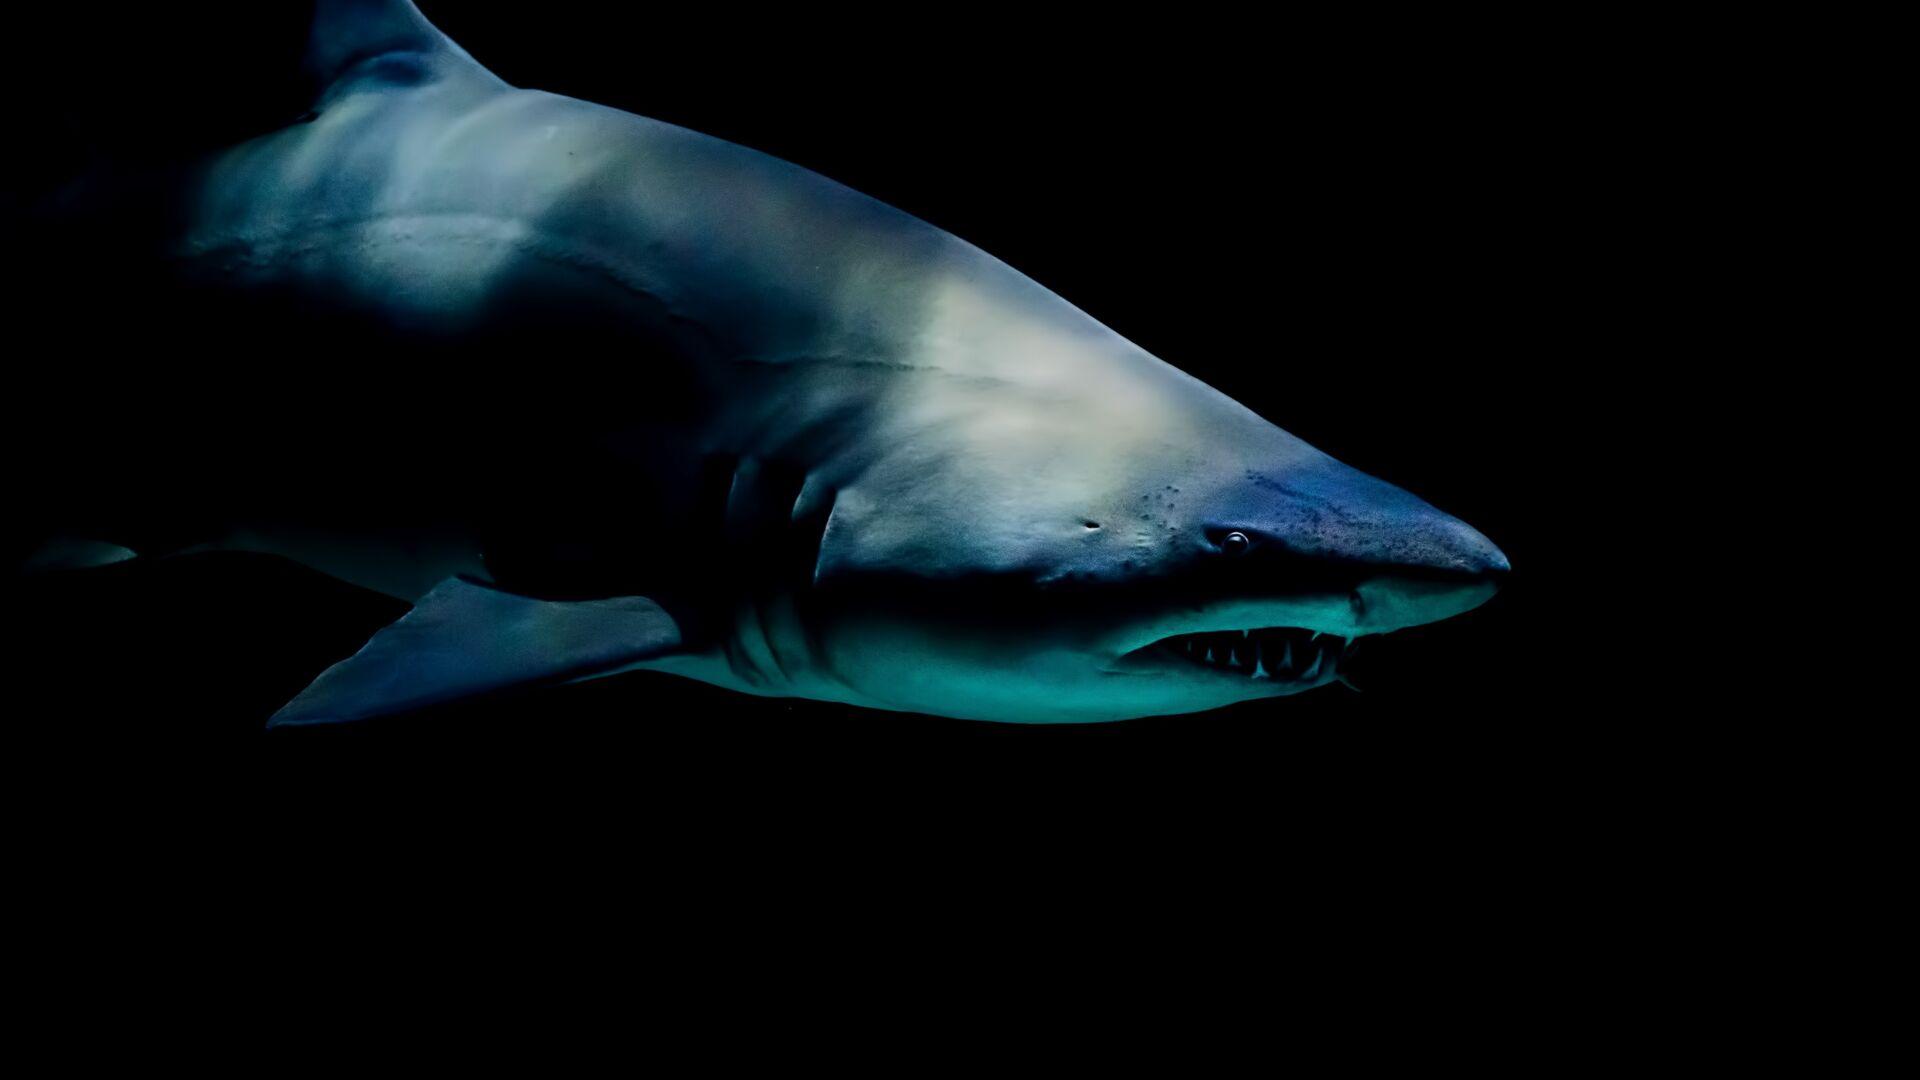 Un tiburón, imagen referencial - Sputnik Mundo, 1920, 09.08.2021